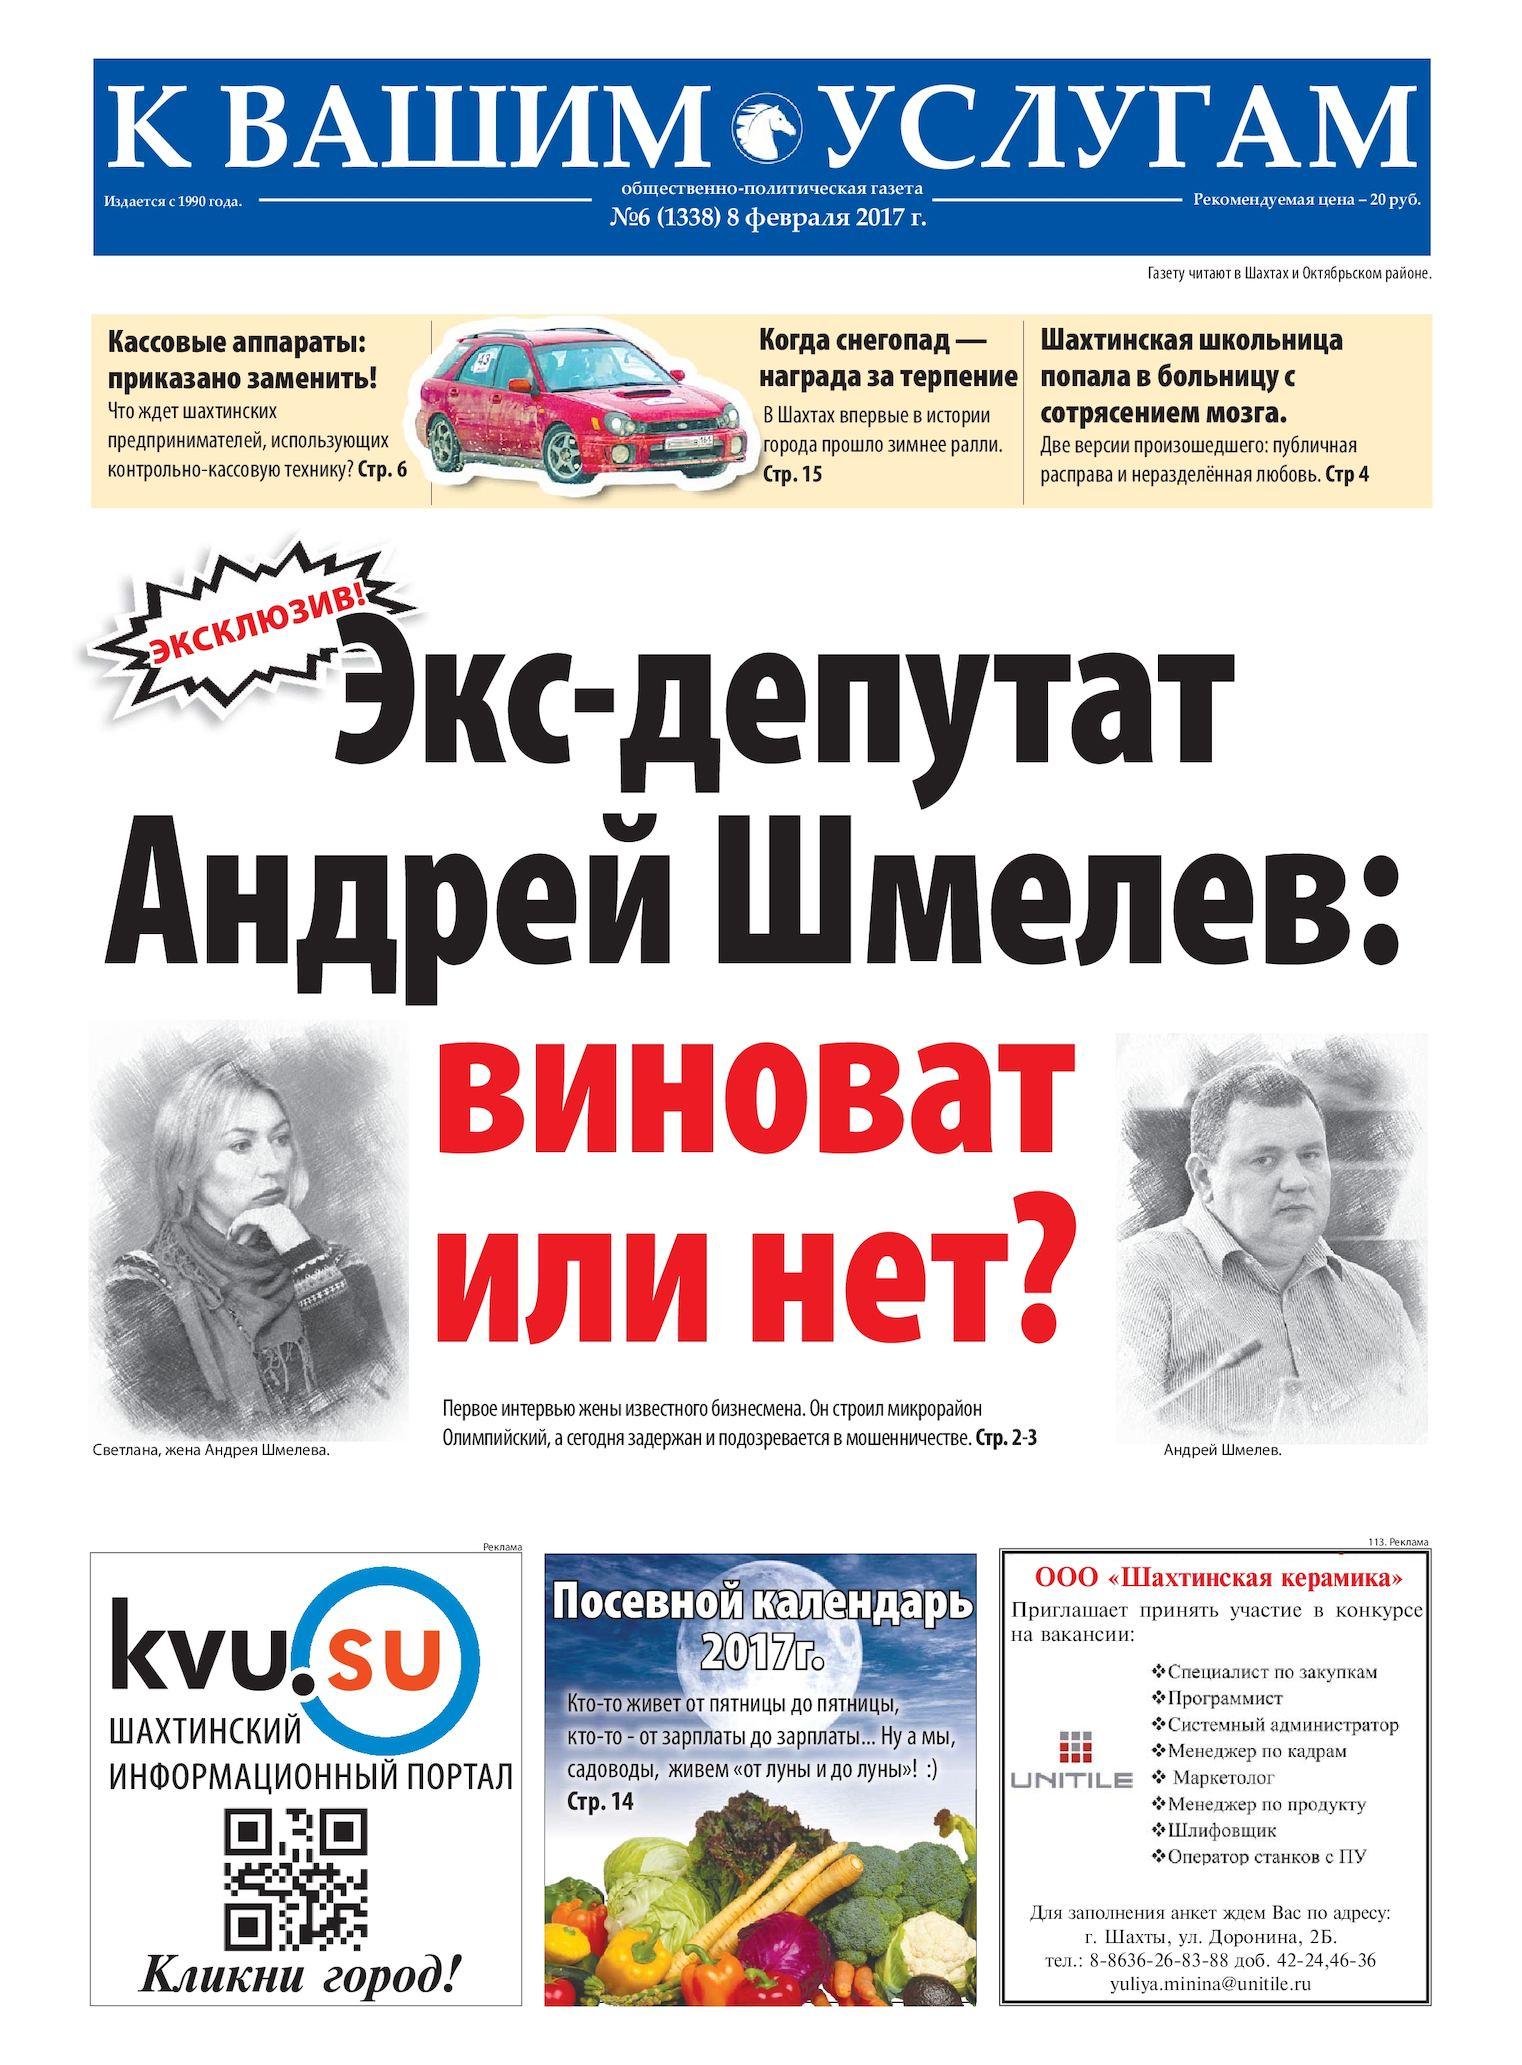 Calaméo - Газета КВУ №6 от 8 февраля 2017 г. 5d338d3bbdc